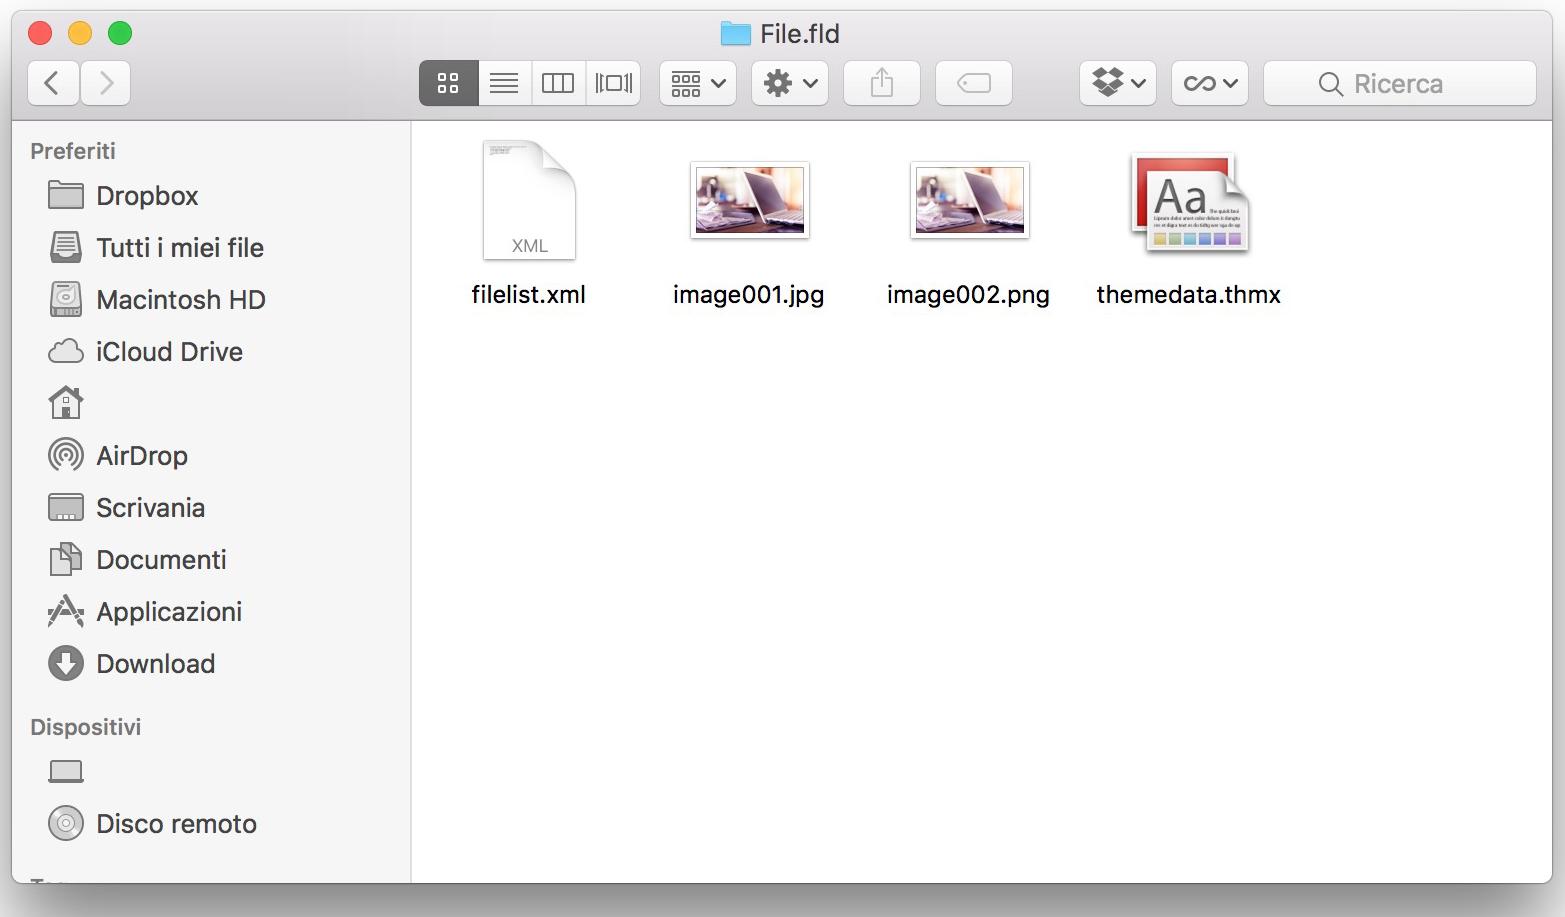 Esportare immagini da file Word come HTML